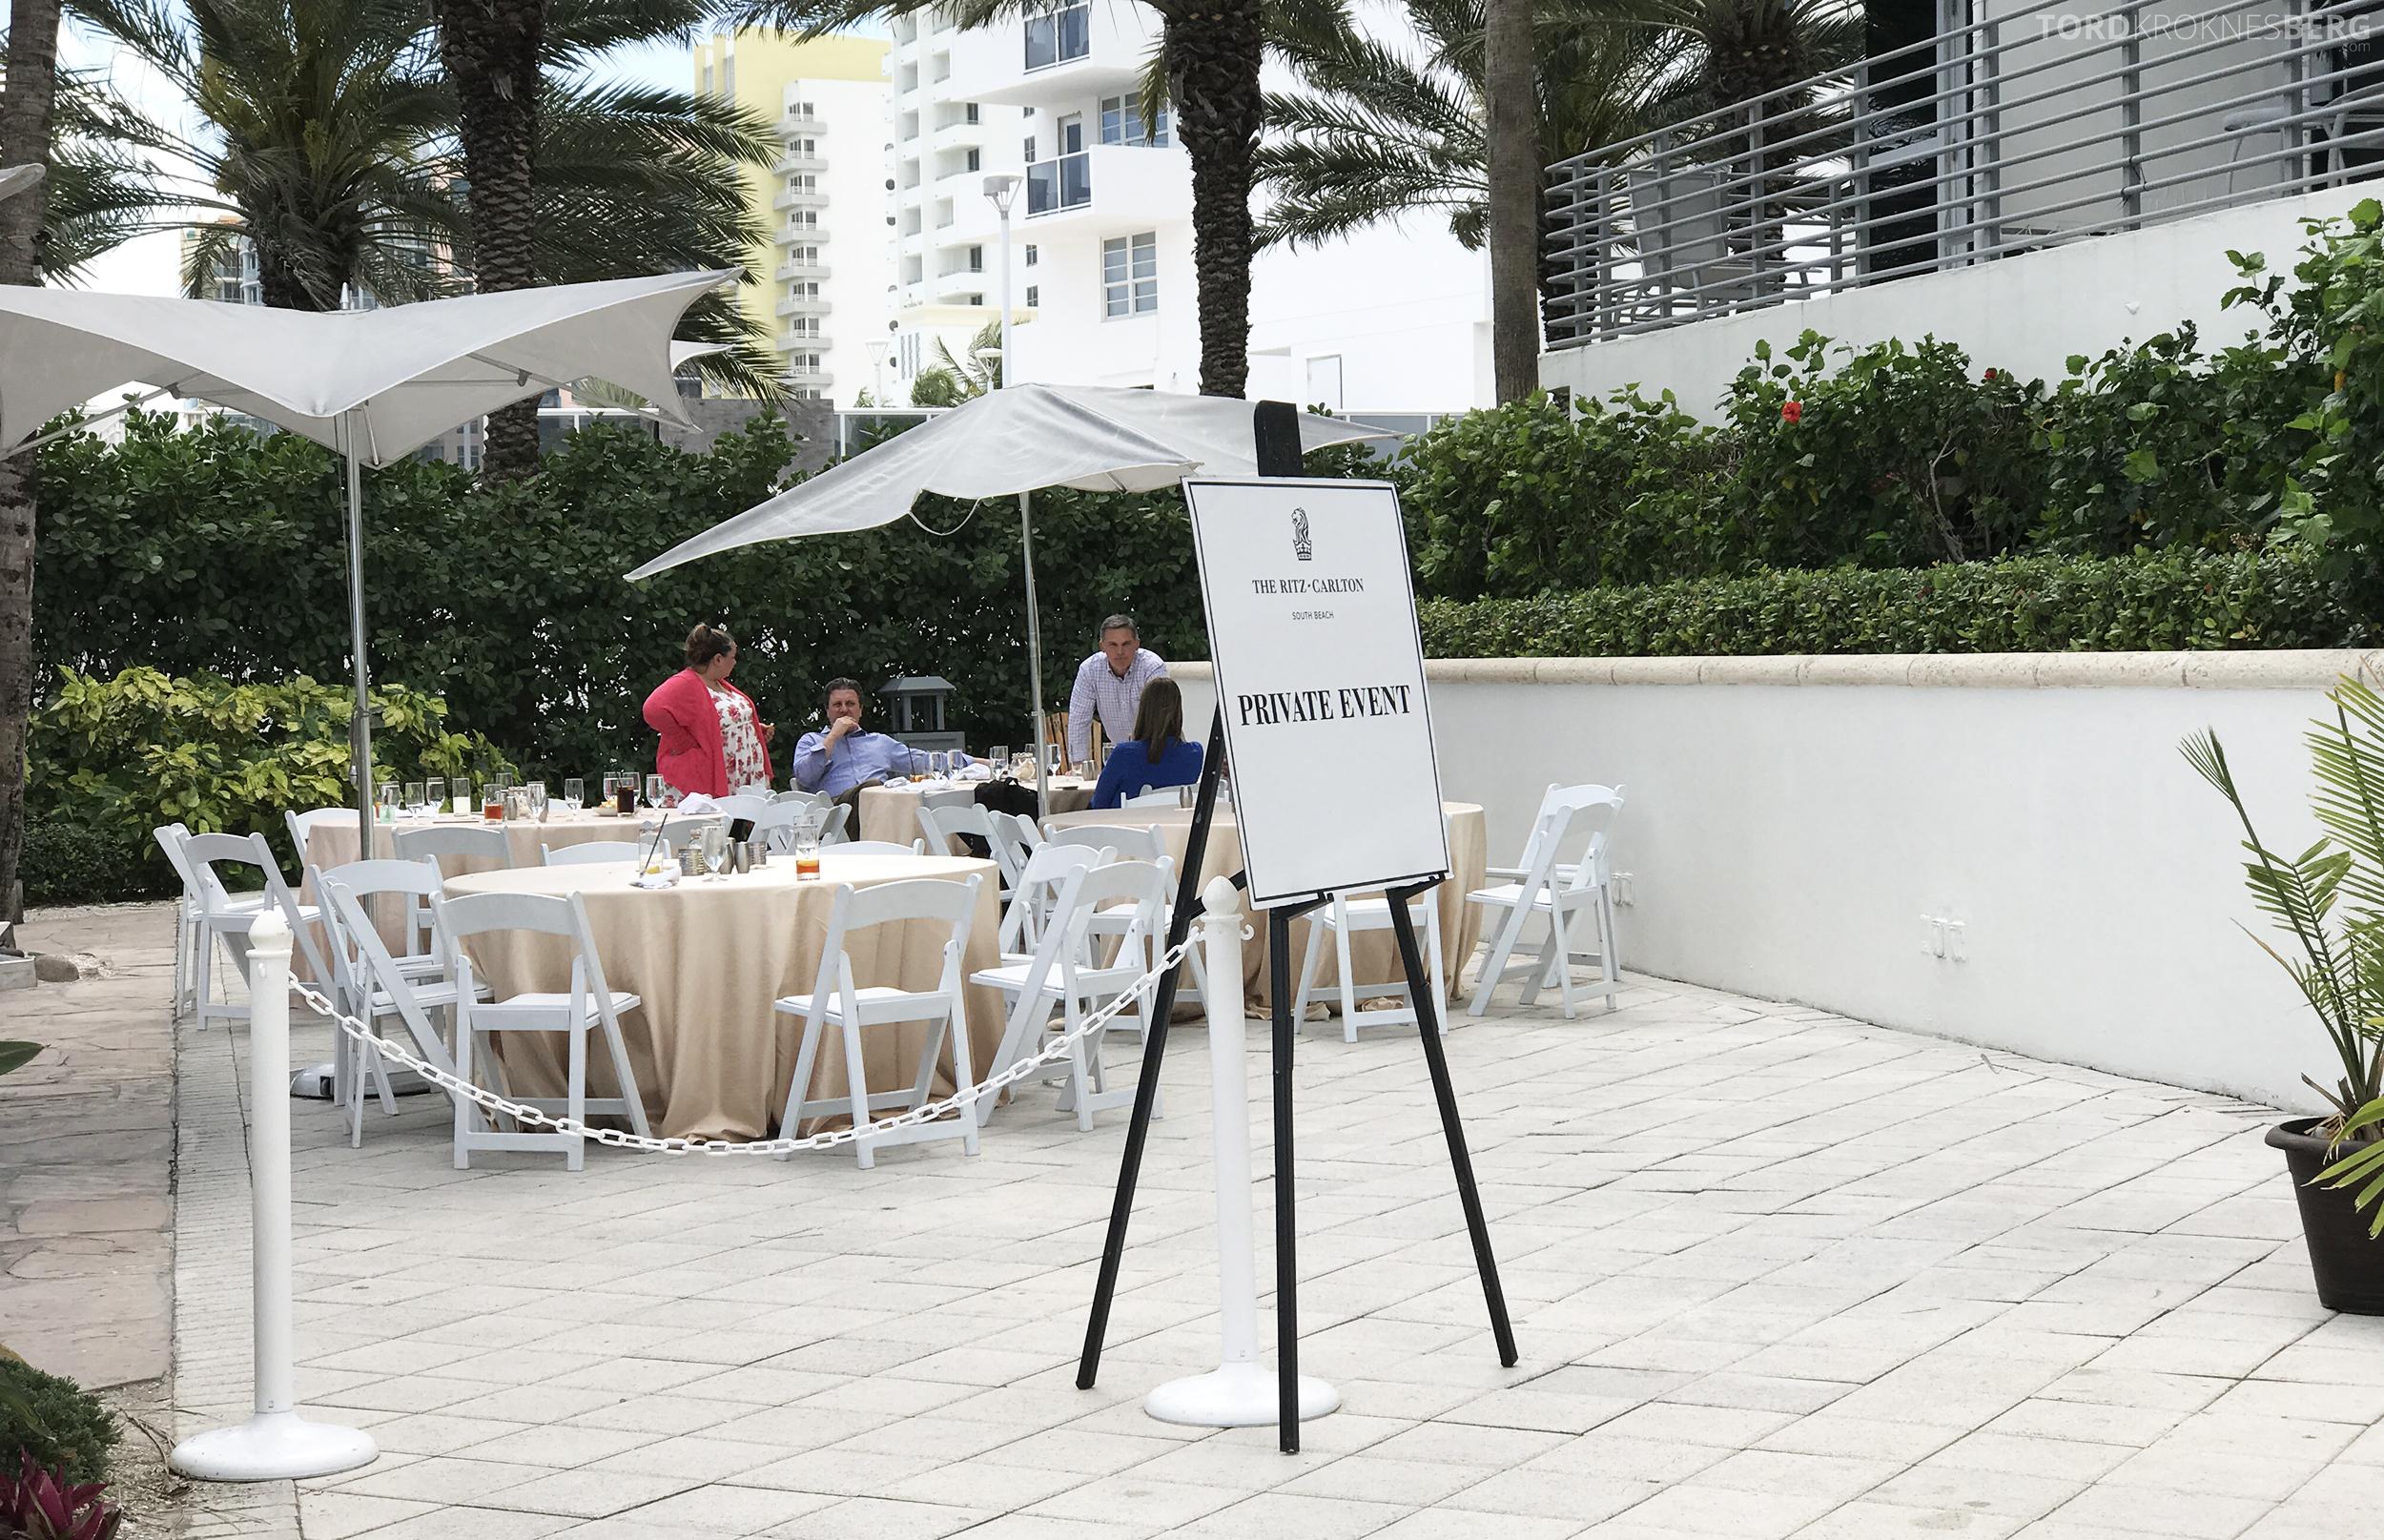 The Ritz Carlton South Beach Miami Dilido Beach Club privat event